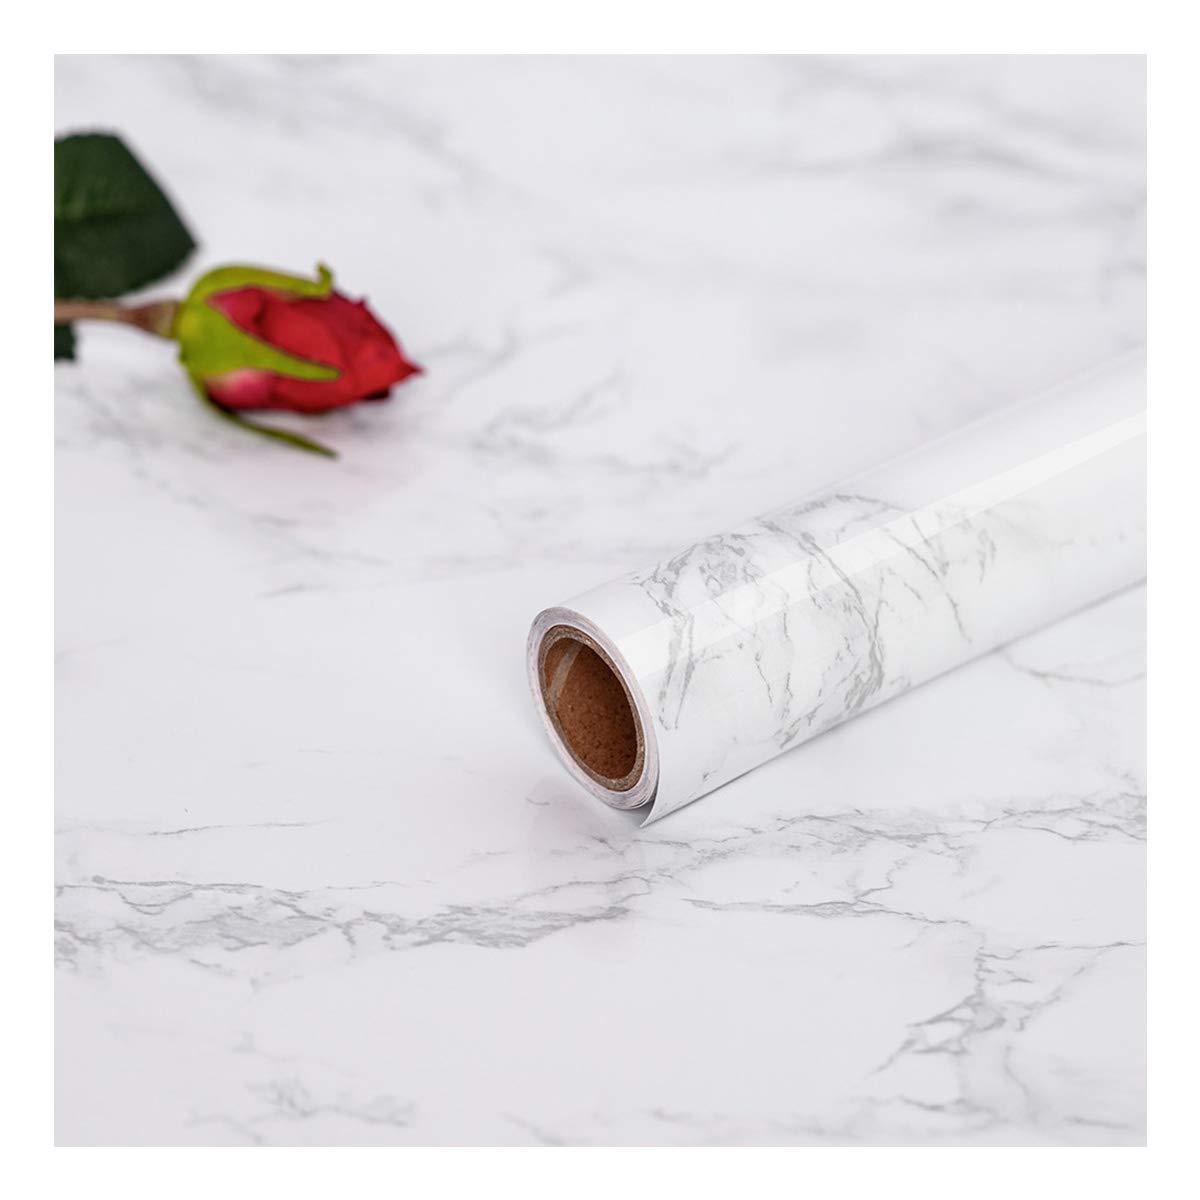 Hode Papel Marmol, 45 cm × 200 cm, Papel Mármol, Vinilo Muebles Marmol Papel Pintado Cocina Autoadhesivo,Papel Adhesivo para Muebles,Blanco 45 cm × 200 cm Papel Mármol